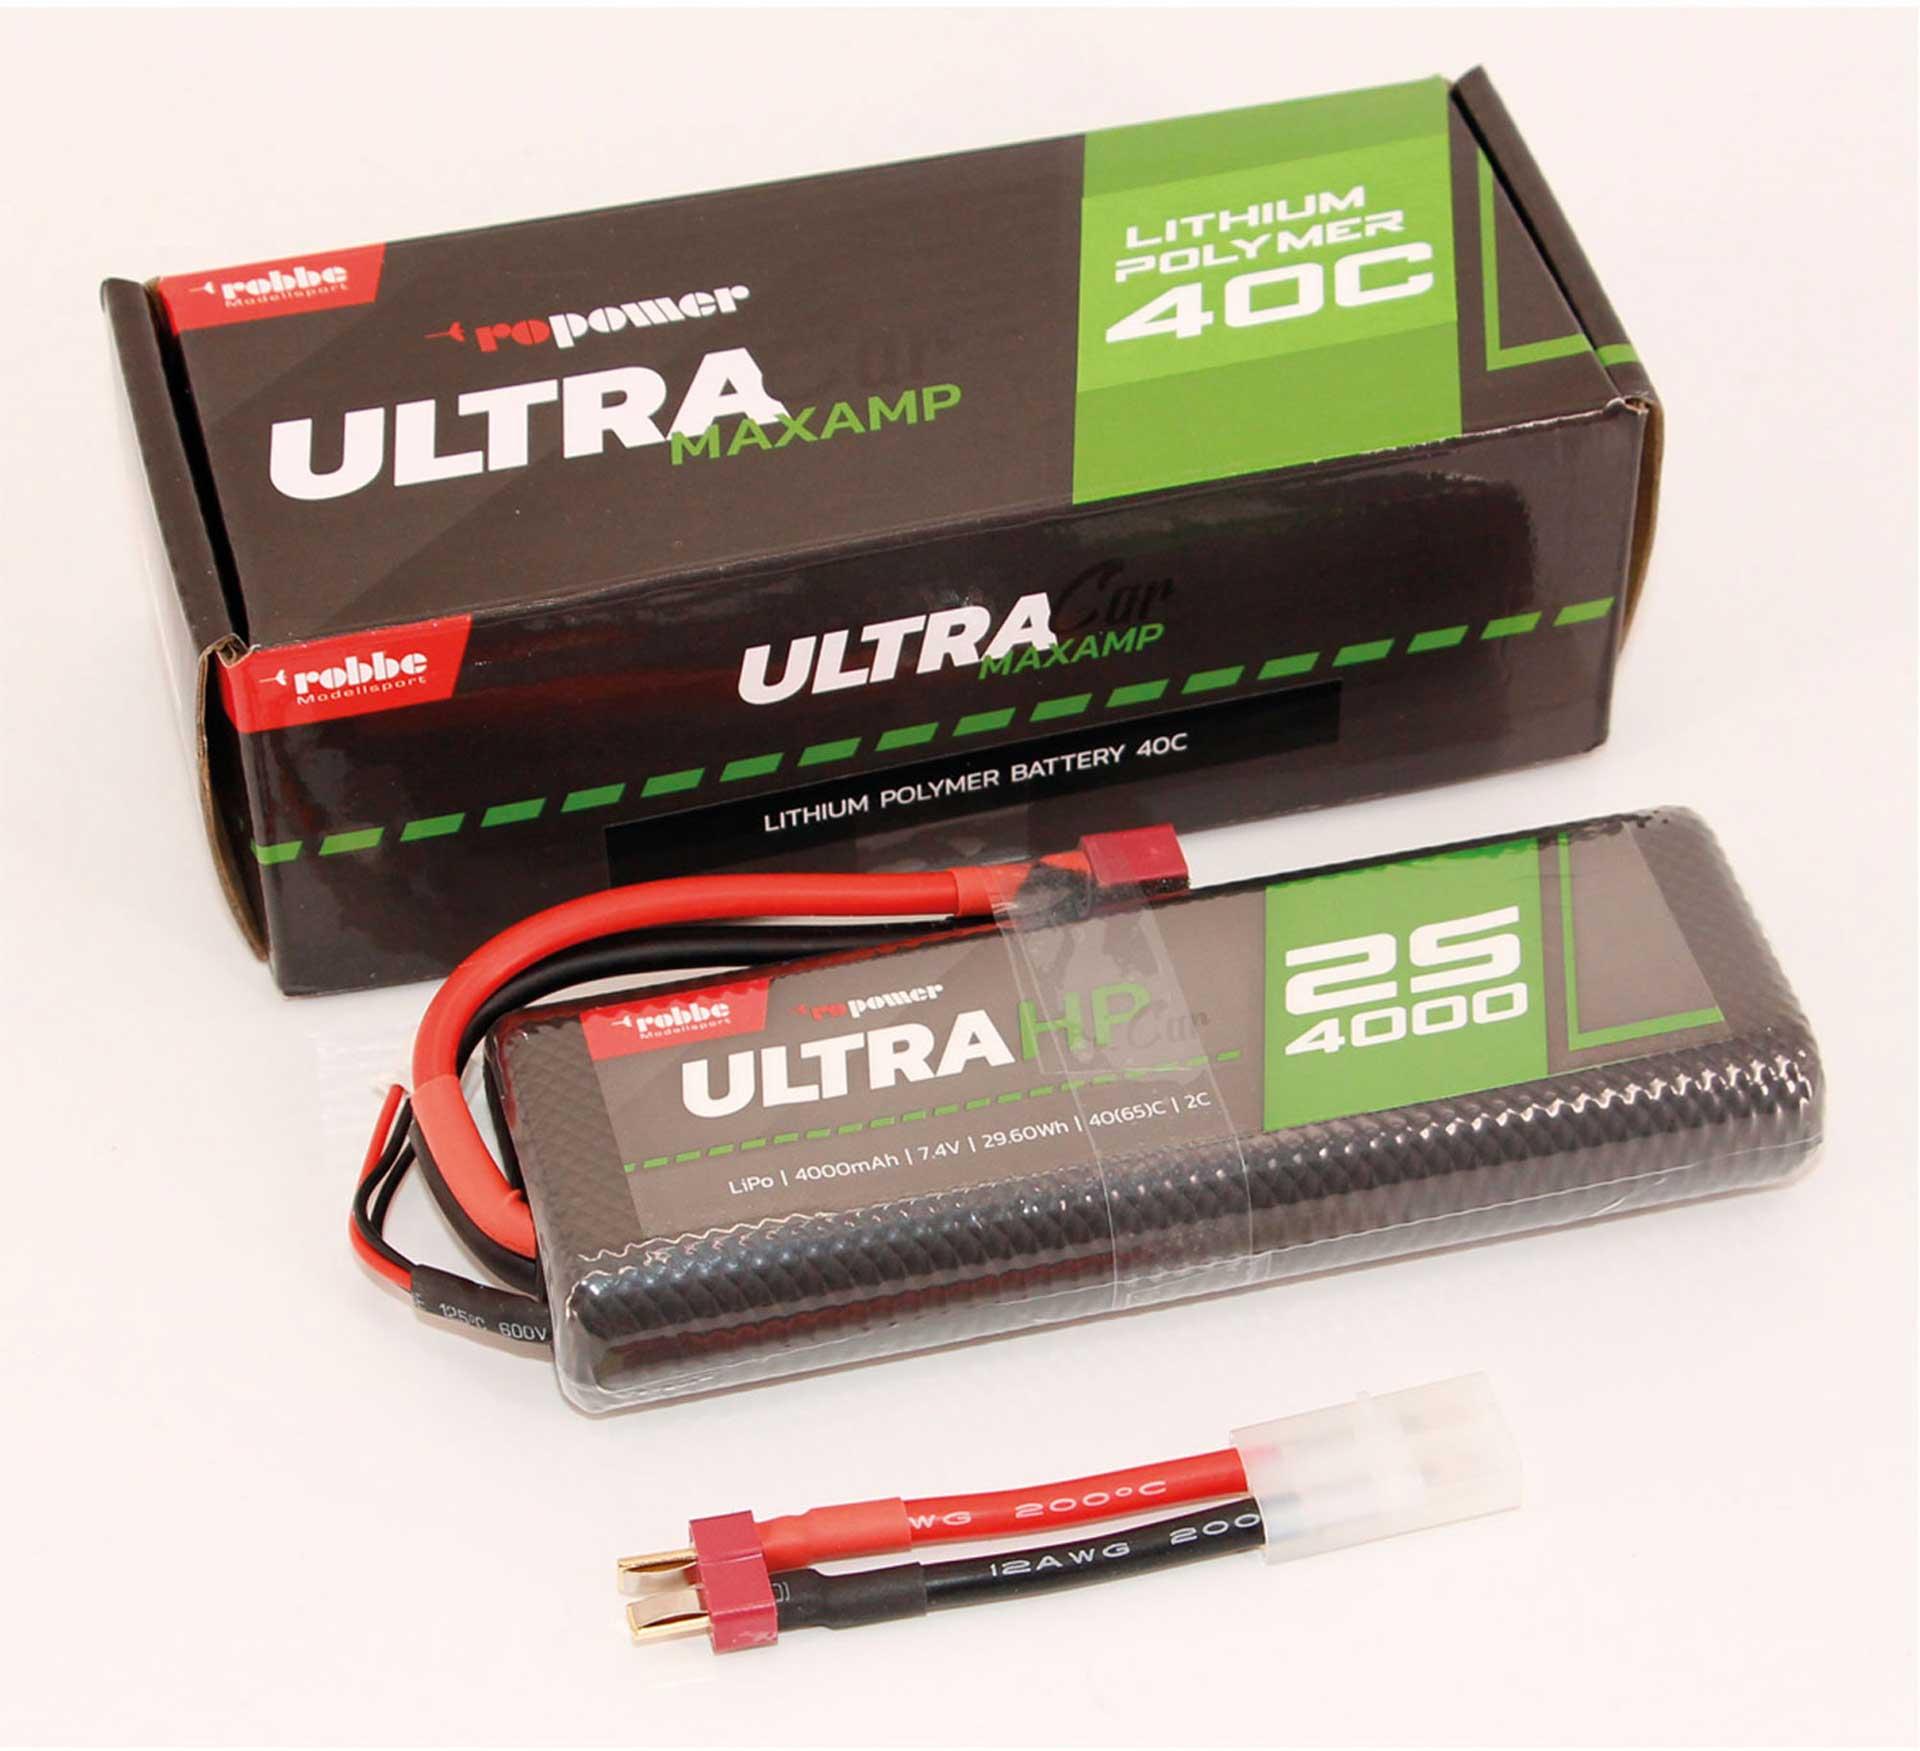 ROBBE RO-POWER ULTRA HP CAR 4000MAH 7,4 VOLT 2S 40(65)C LIPO AKKU